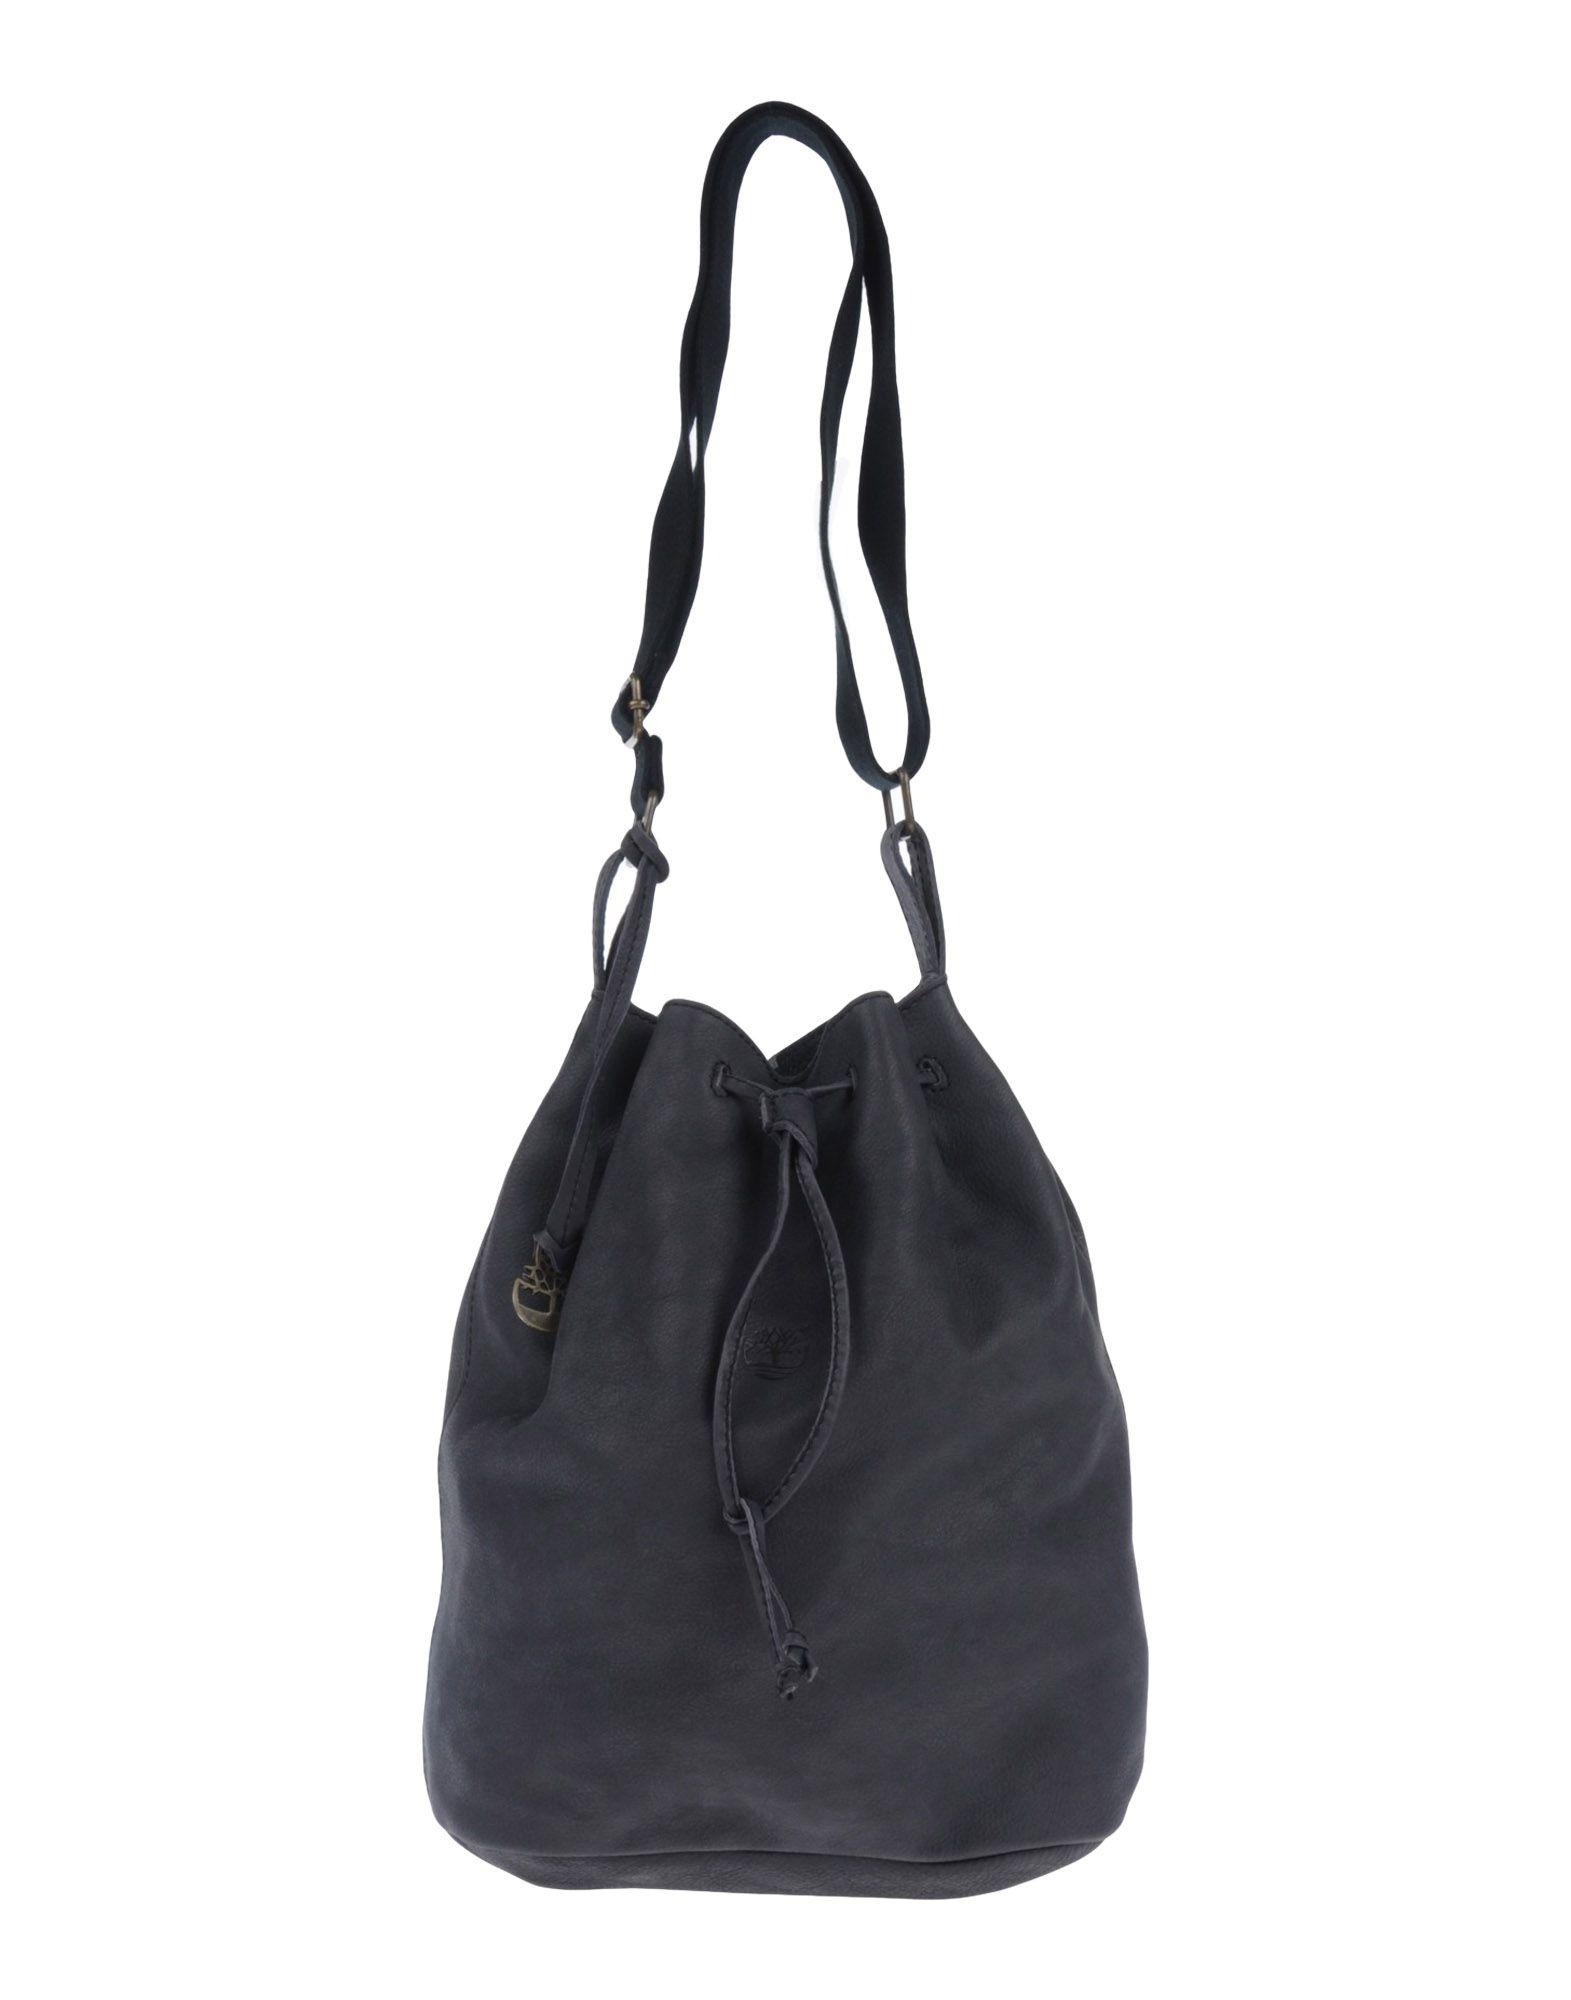 TIMBERLAND Сумка на плечо tia в европе и одно плечо диагональ малый мешок 2015 новый винтаж летучая мышь сумка сумочка красные крылья волны